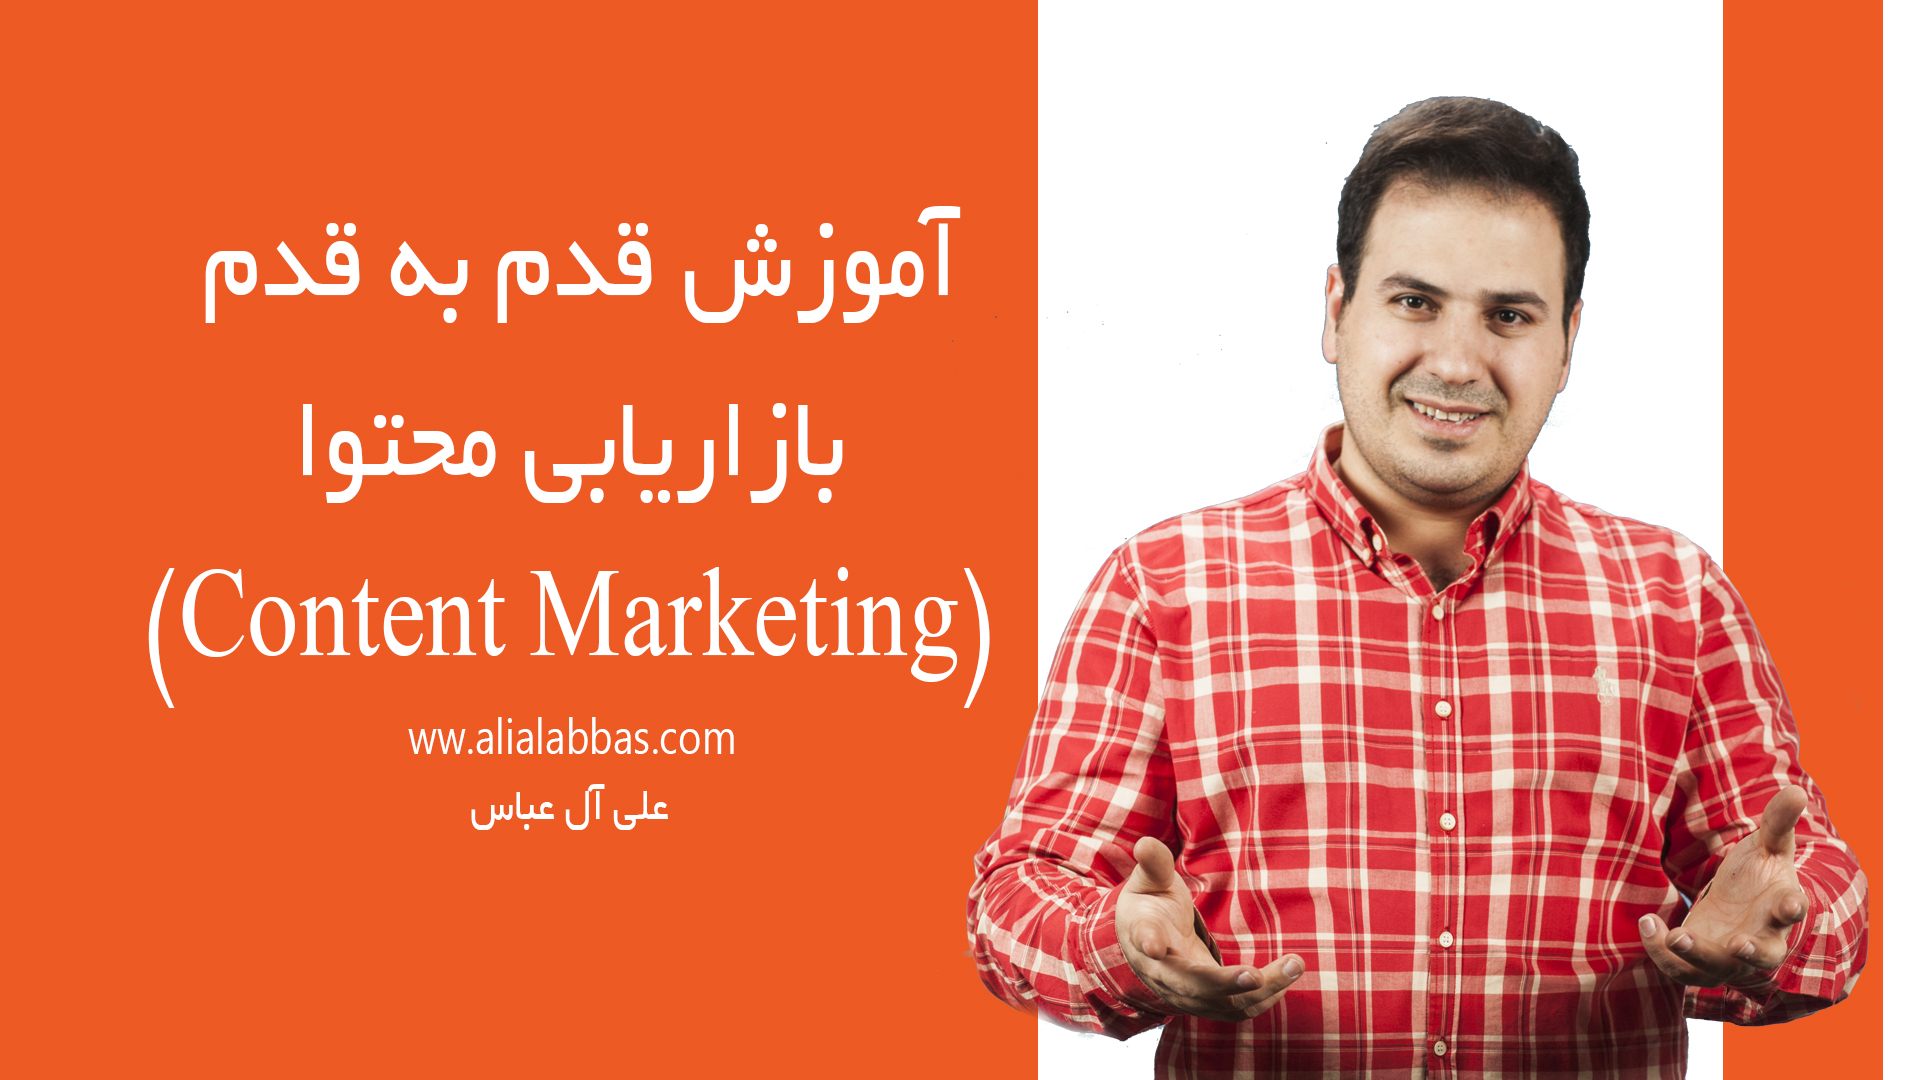 بازاریابی محتوا چیست؟ | آموزش قدم به قدم بازاریابی محتوا